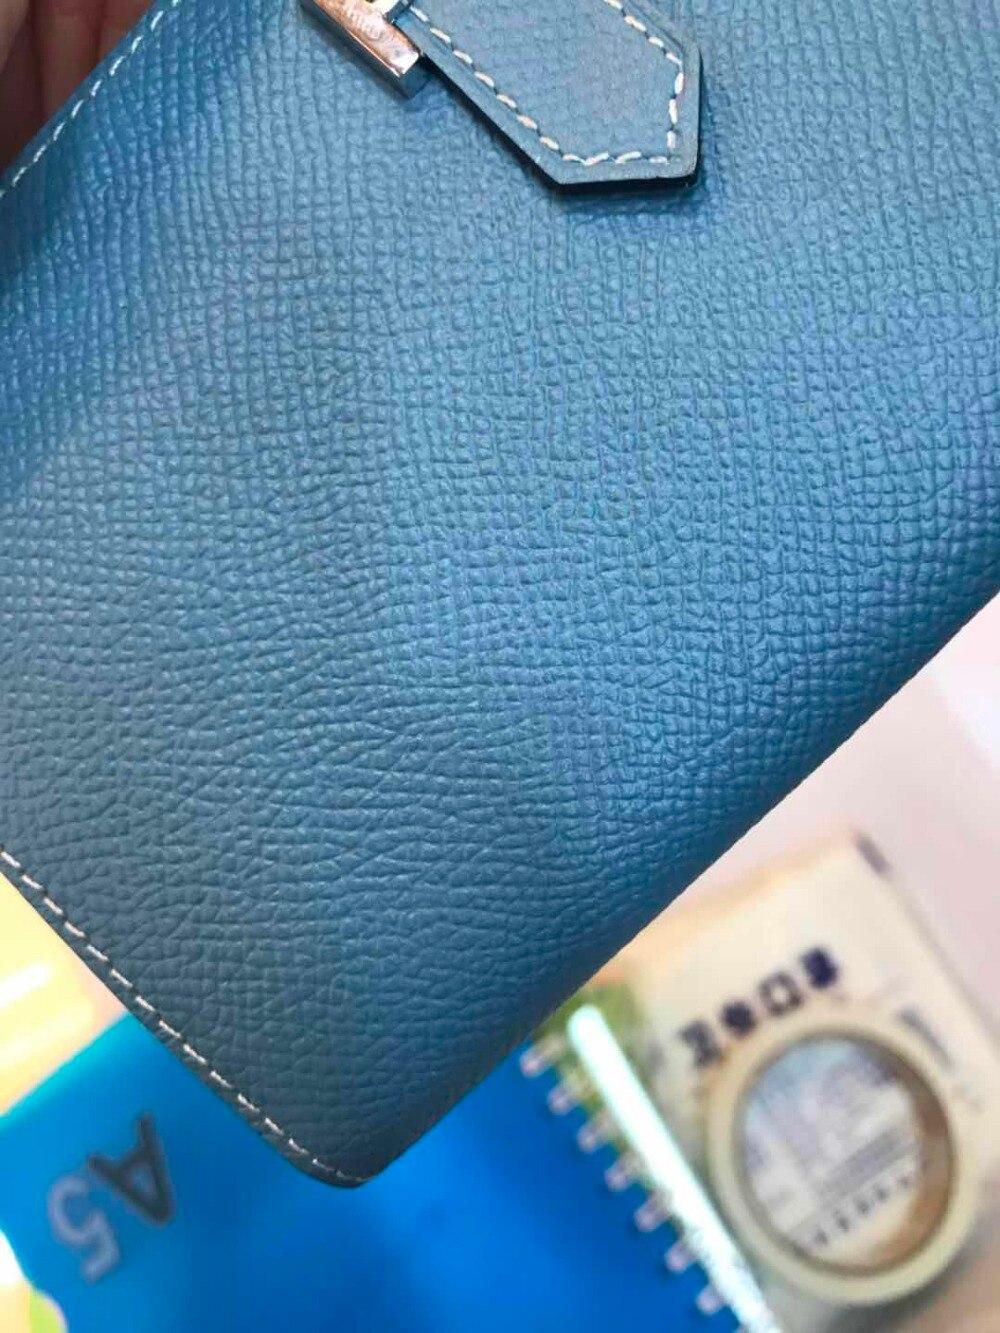 Karte Telefon Weiblichen Halter Bargeld Brieftasche Geldbörse Heißer Verkauf Leder Kupplung Handtasche Wa0223 Frauen Foto Tasche xqtRtzTw0